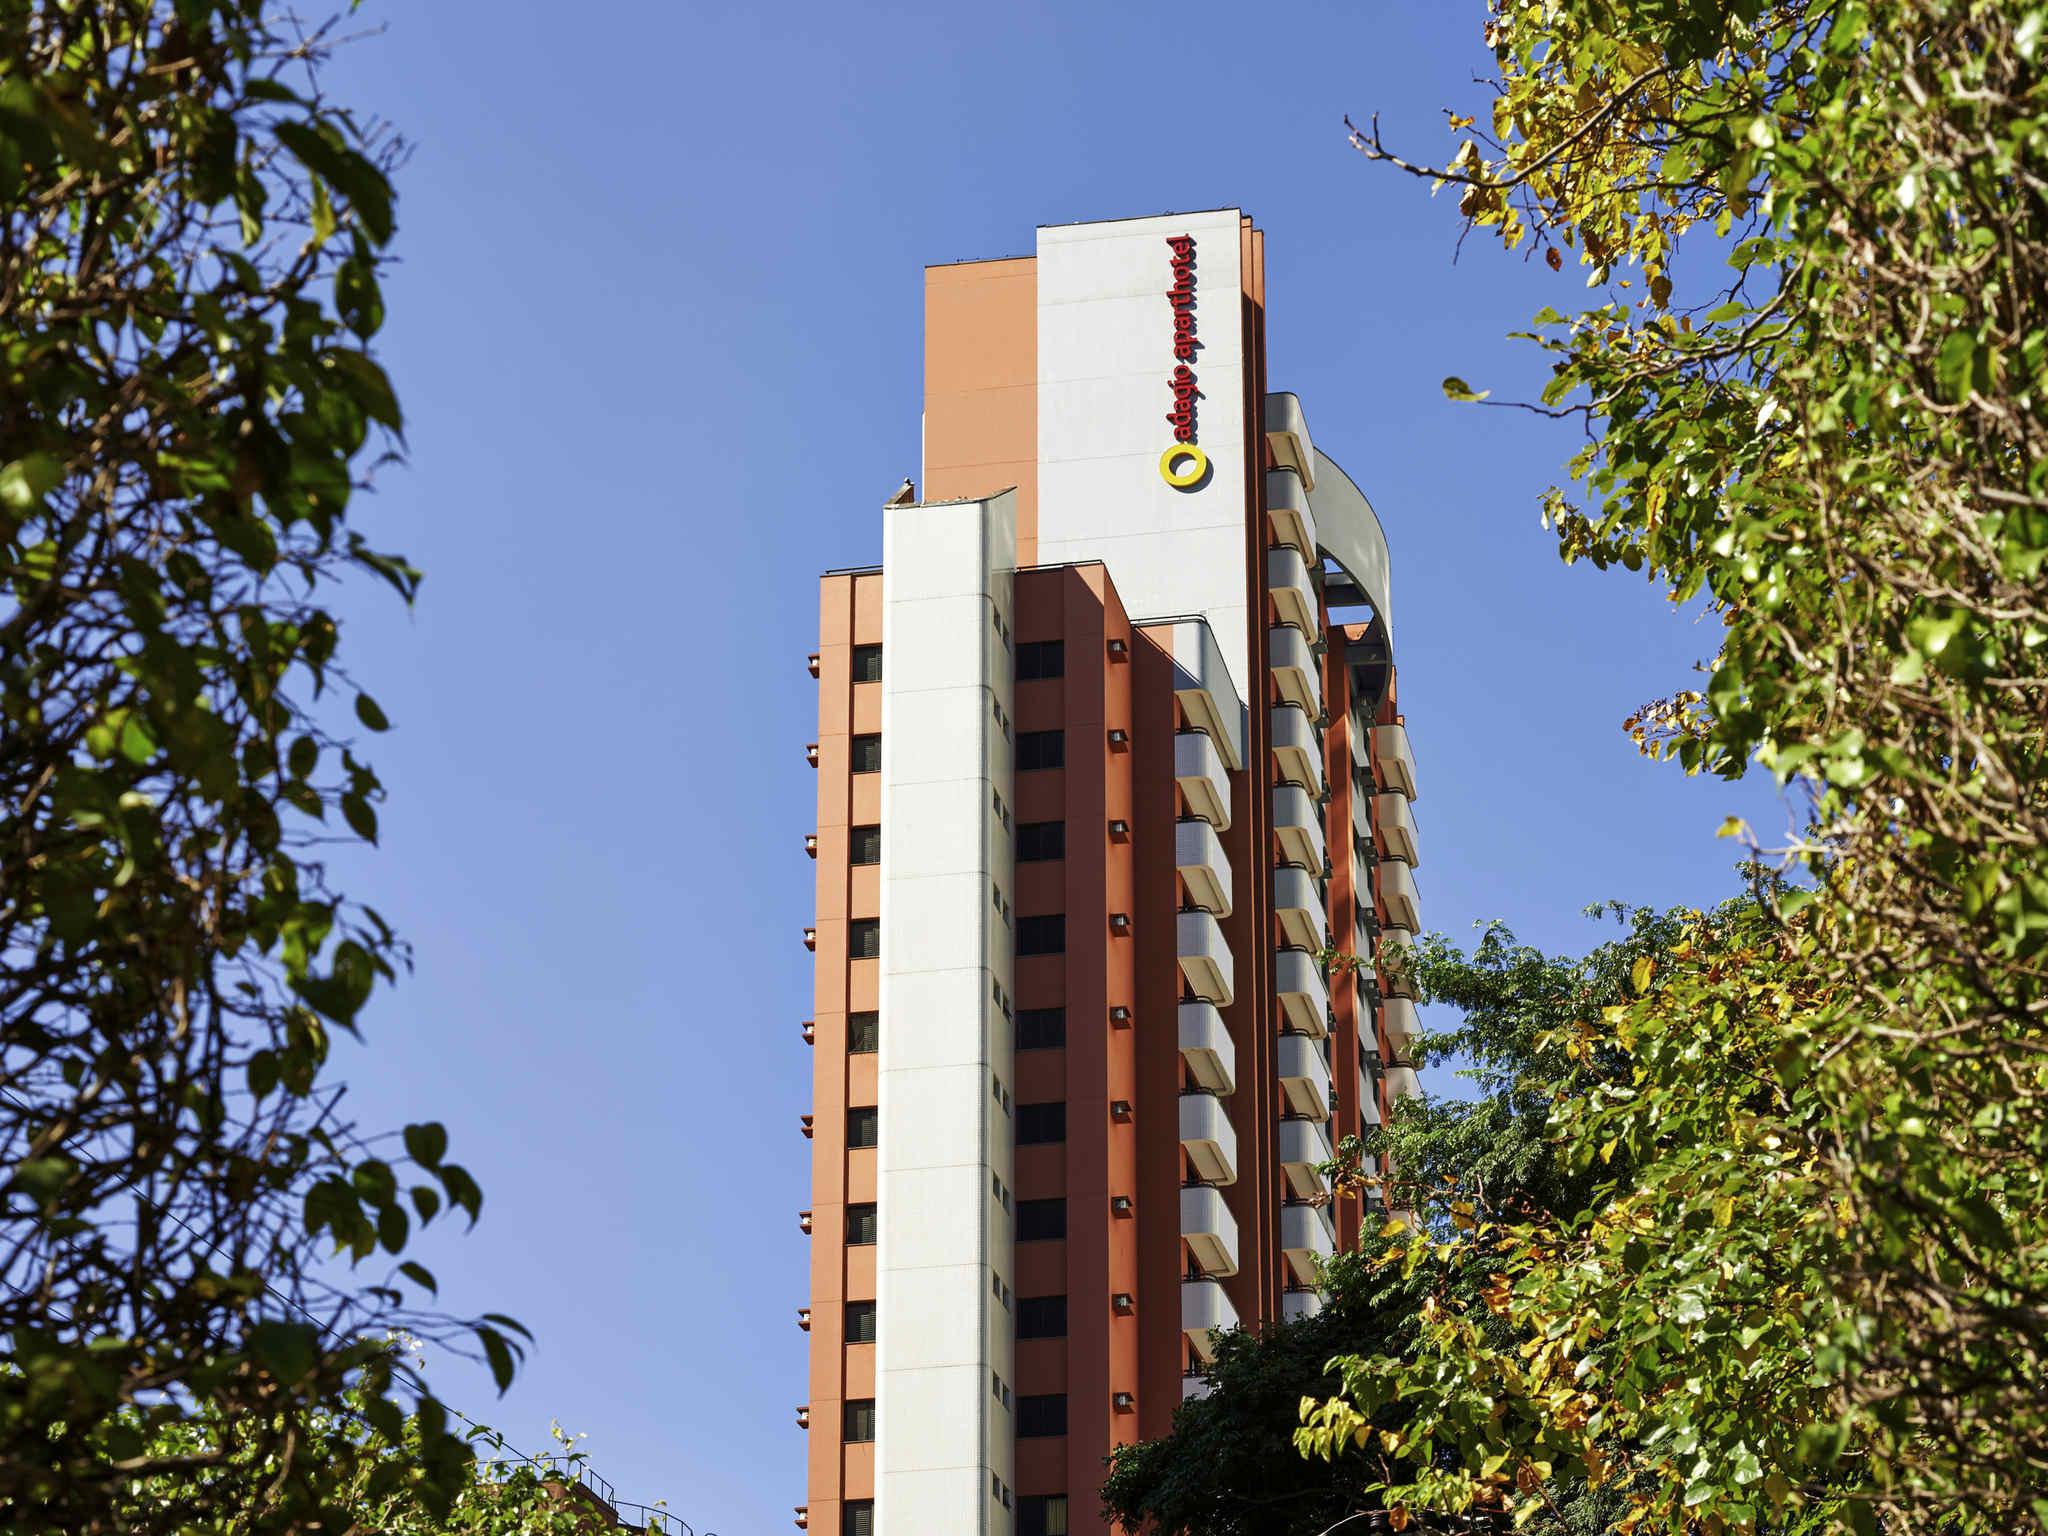 Aparthotel in s o paulo book adagio berrini online for Apparthotel londres